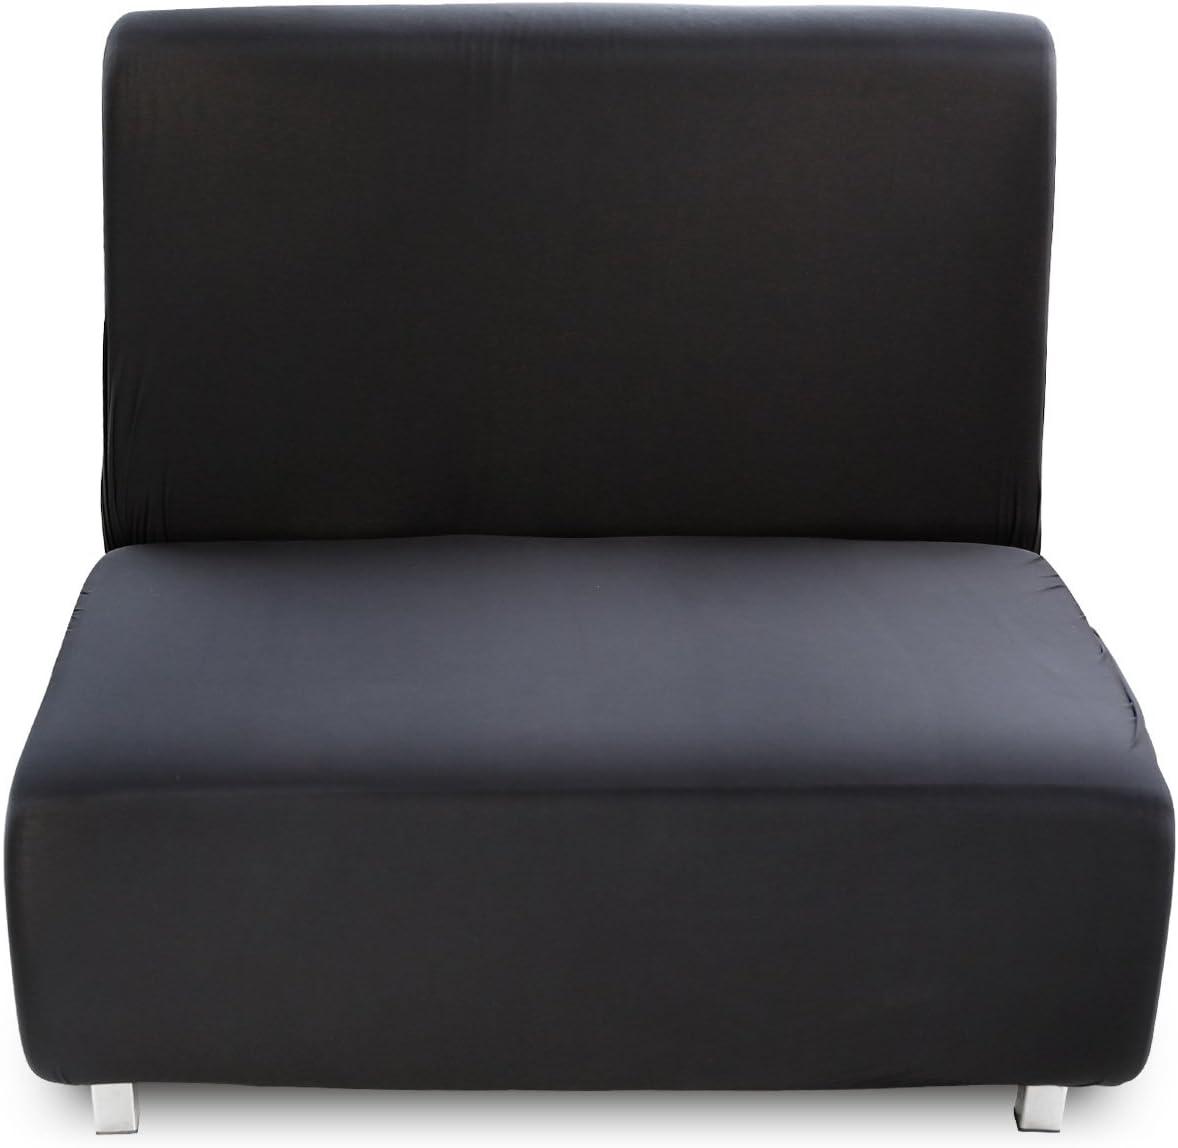 Anladia 1 Sitzer Sofa Husse Sofahusse Schwarz Sofabez/üge Sofabezug elastisch Sesselbezug Sesselhusse Sessel/überwurf M/öbelschutz Sofaschoner Stretchhusse Universal